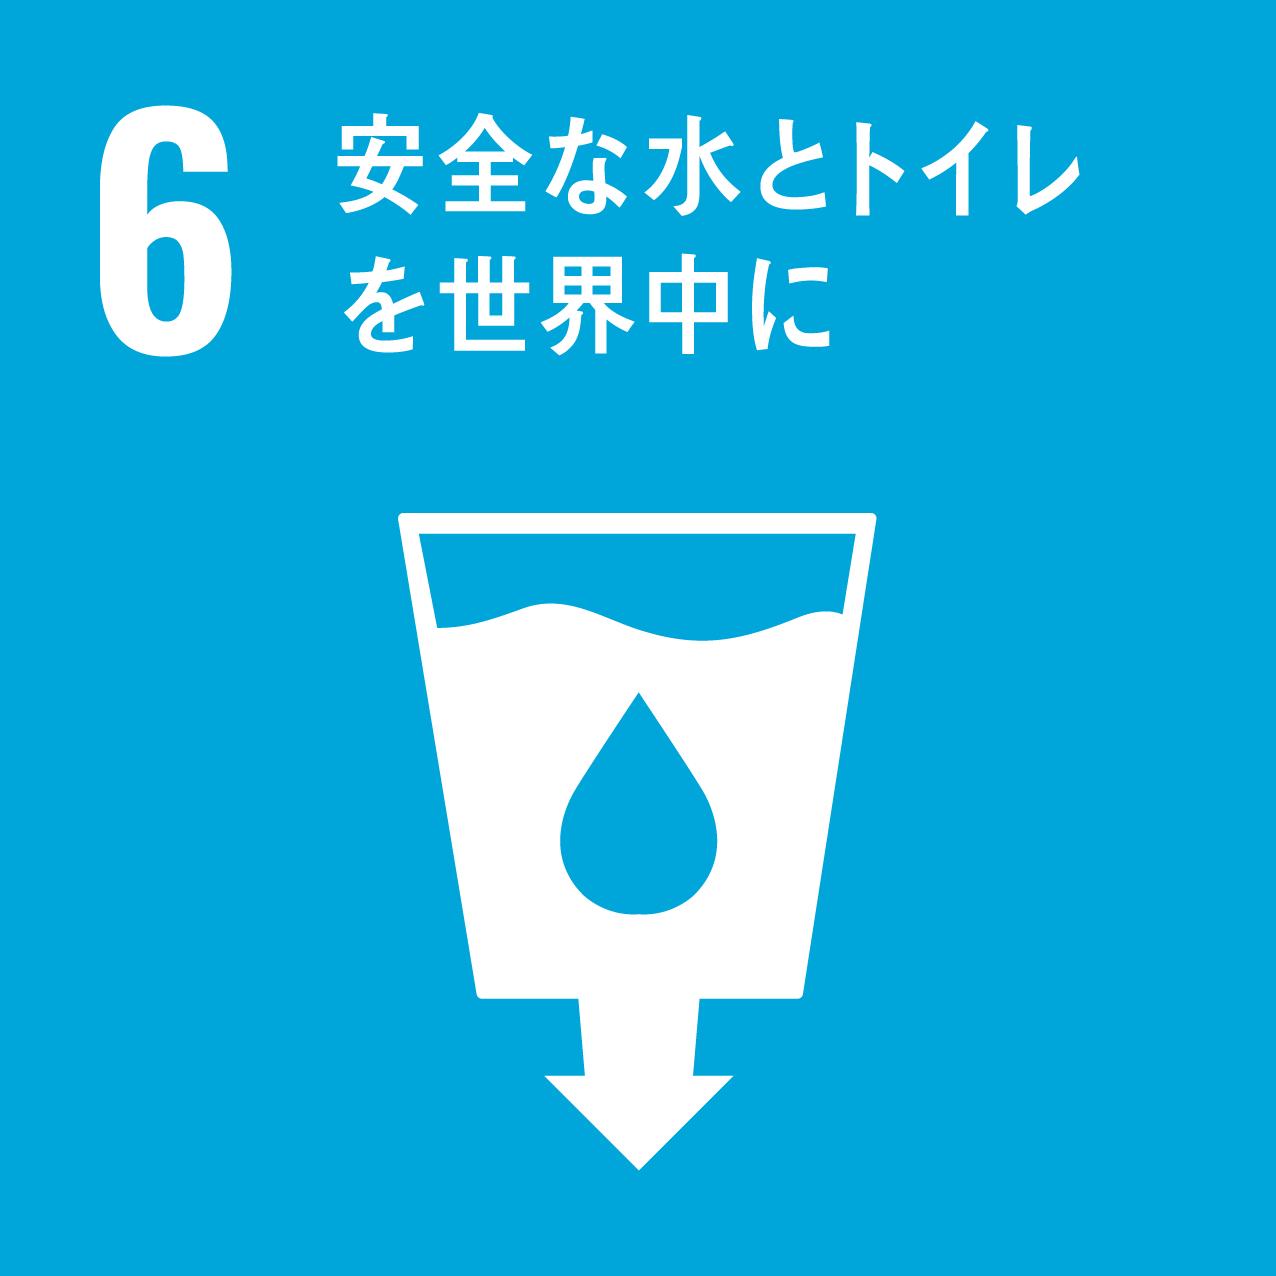 Goal6 安全な水とトイレを世界中に